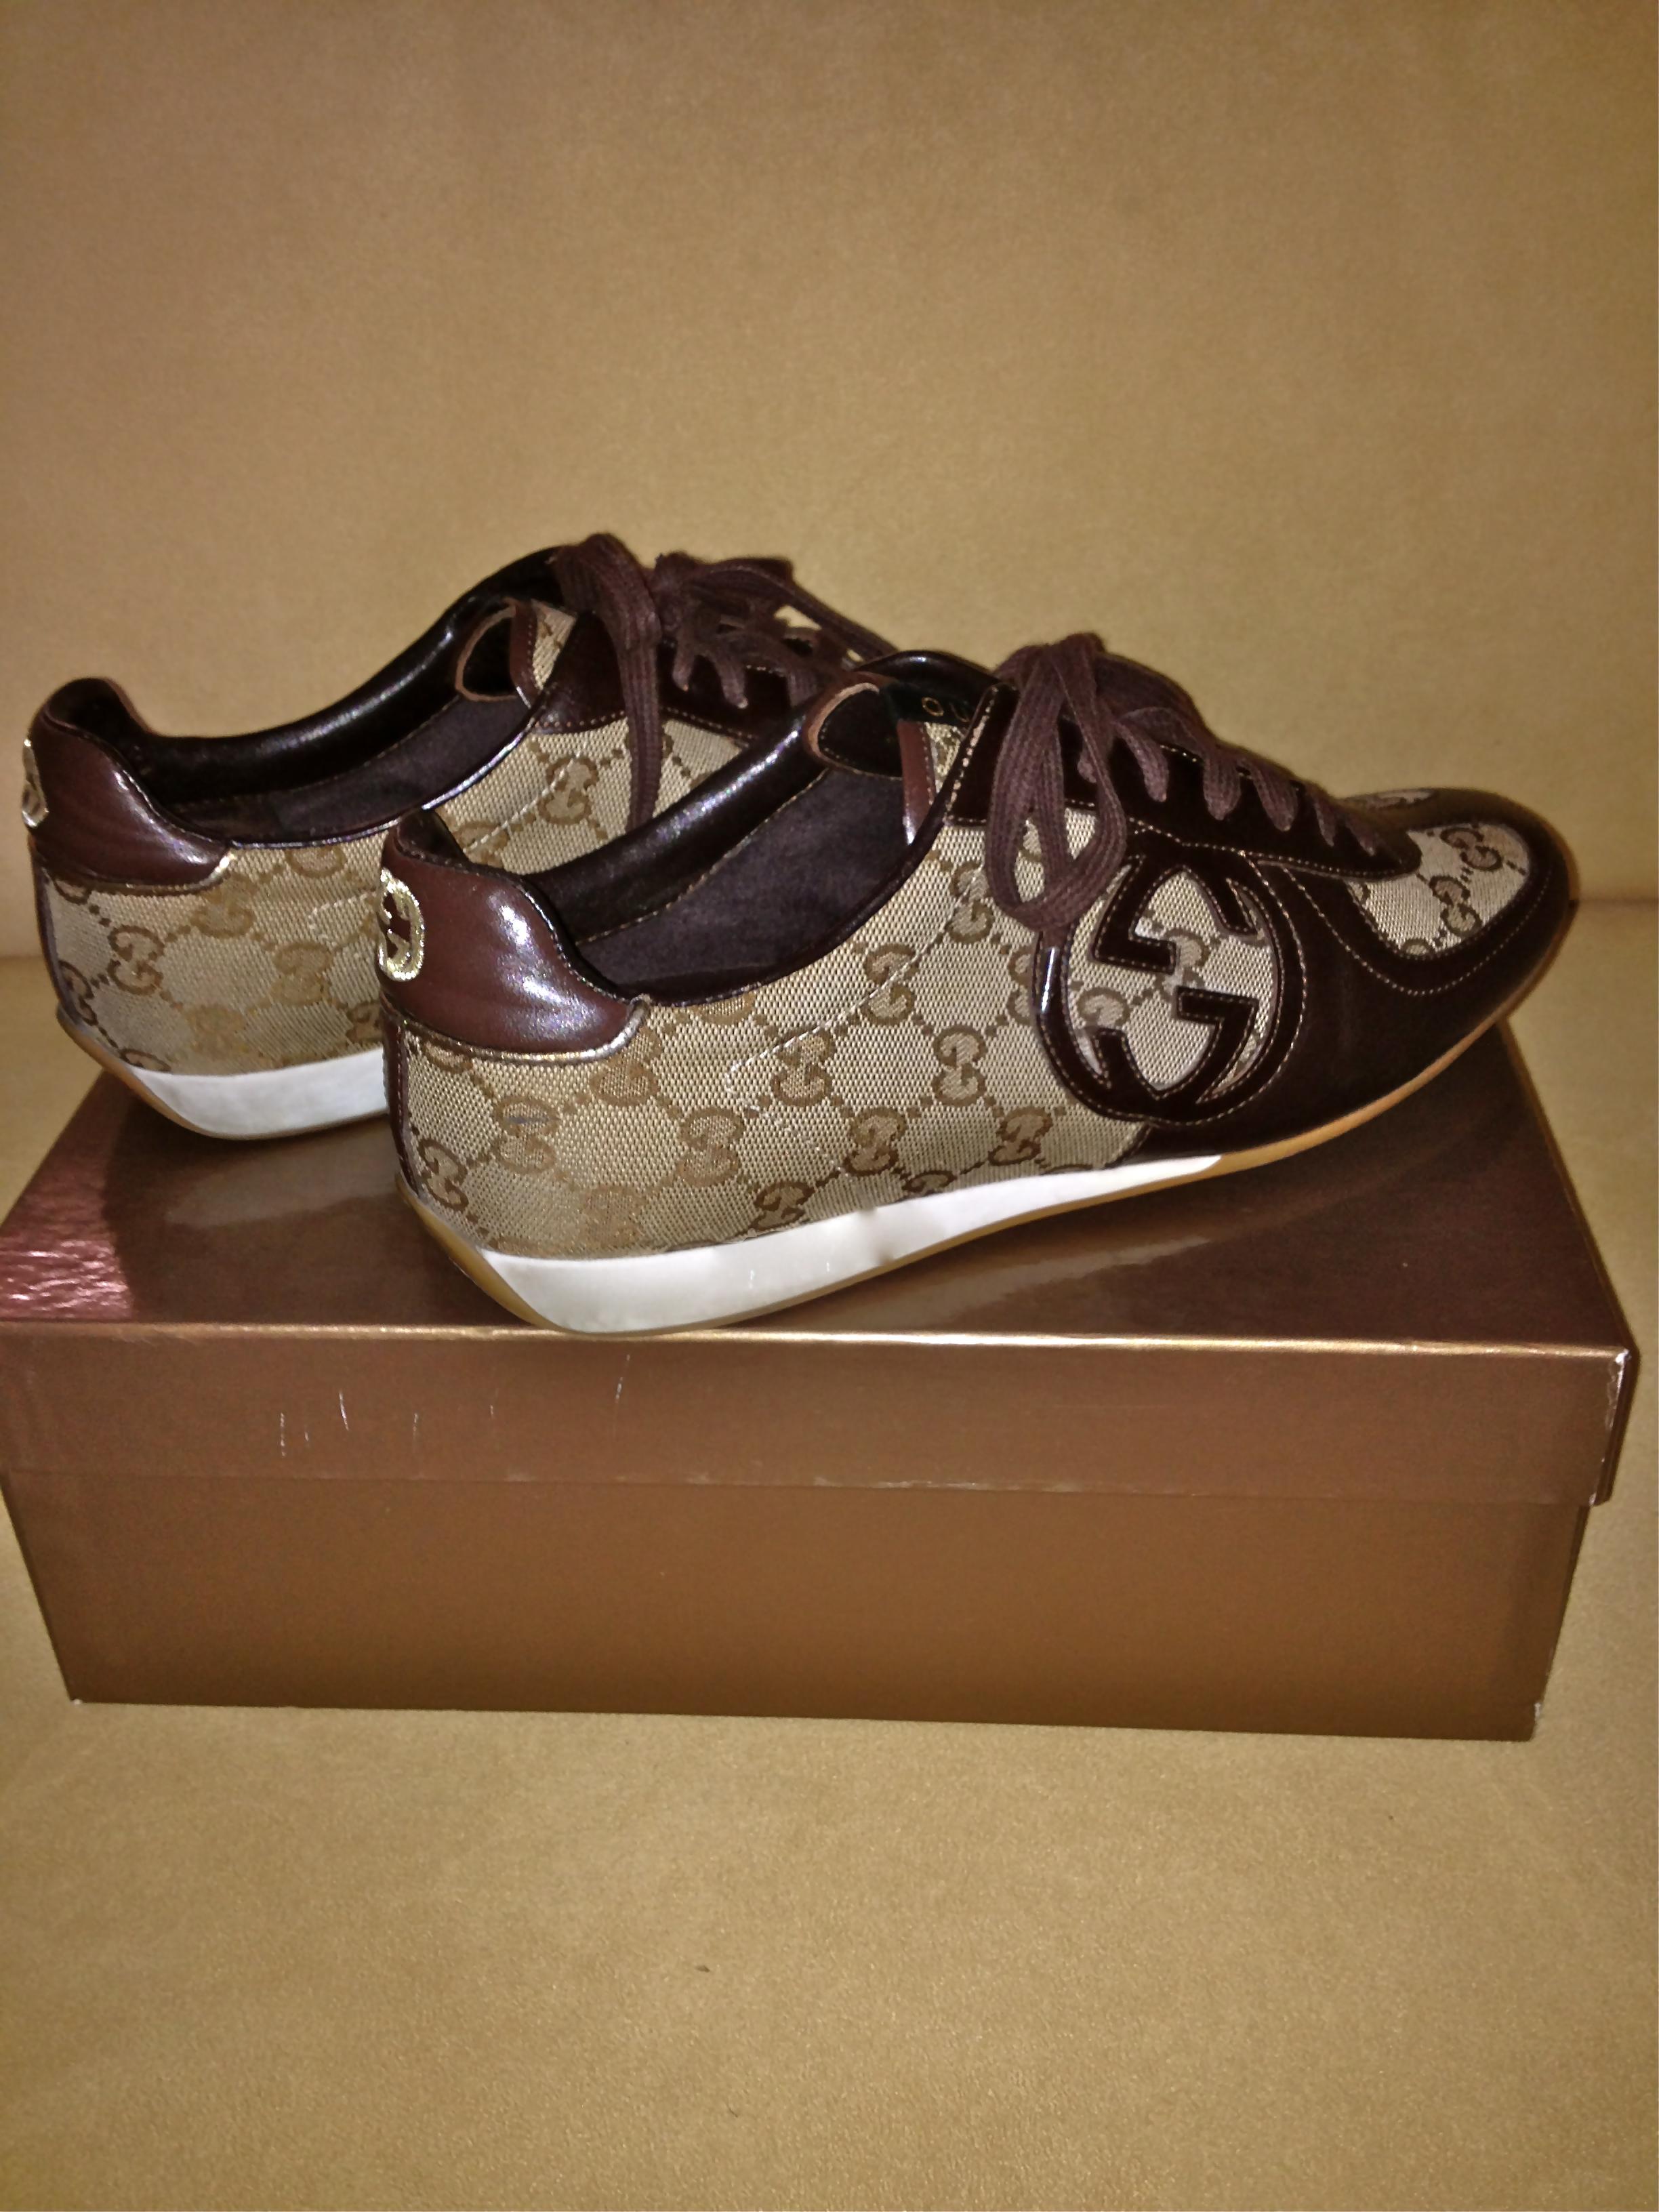 Shop Posh Closet Gucci Tennis Shoes Sz Us Size 9